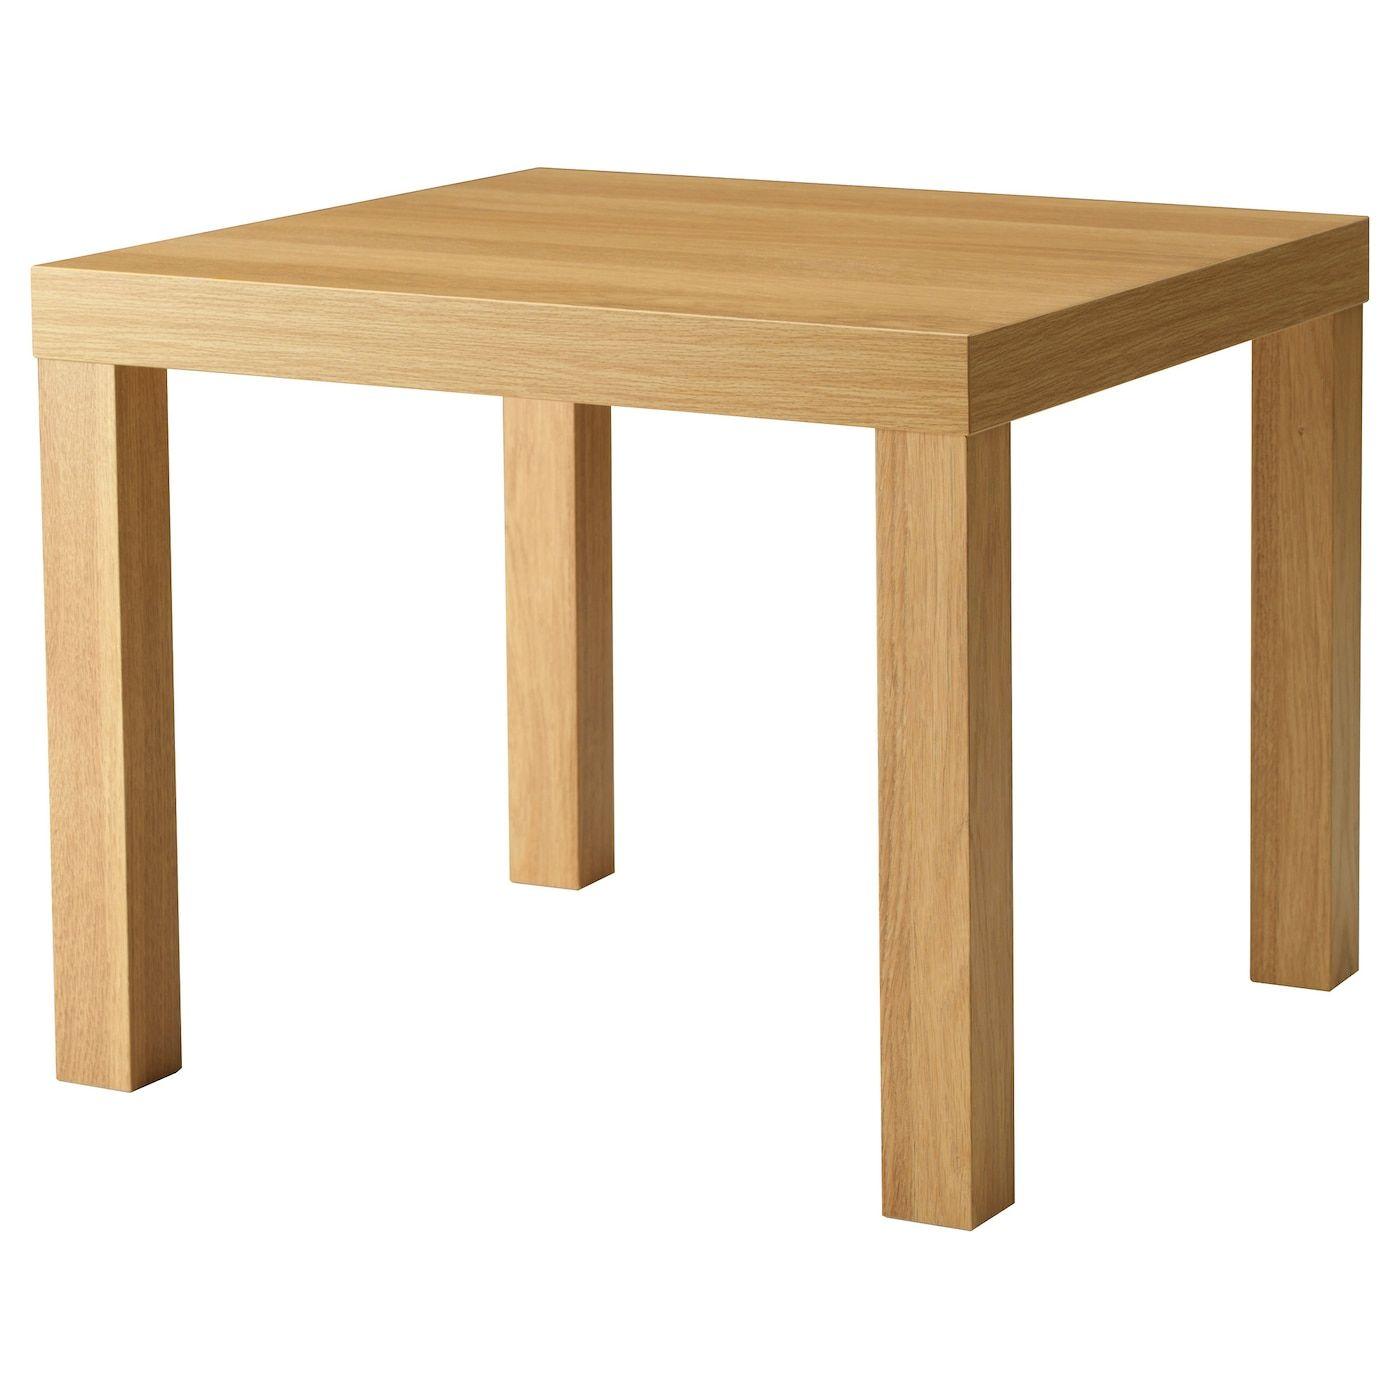 LACK Side table - oak effect 55x55 cm in 2020 | Lack ...